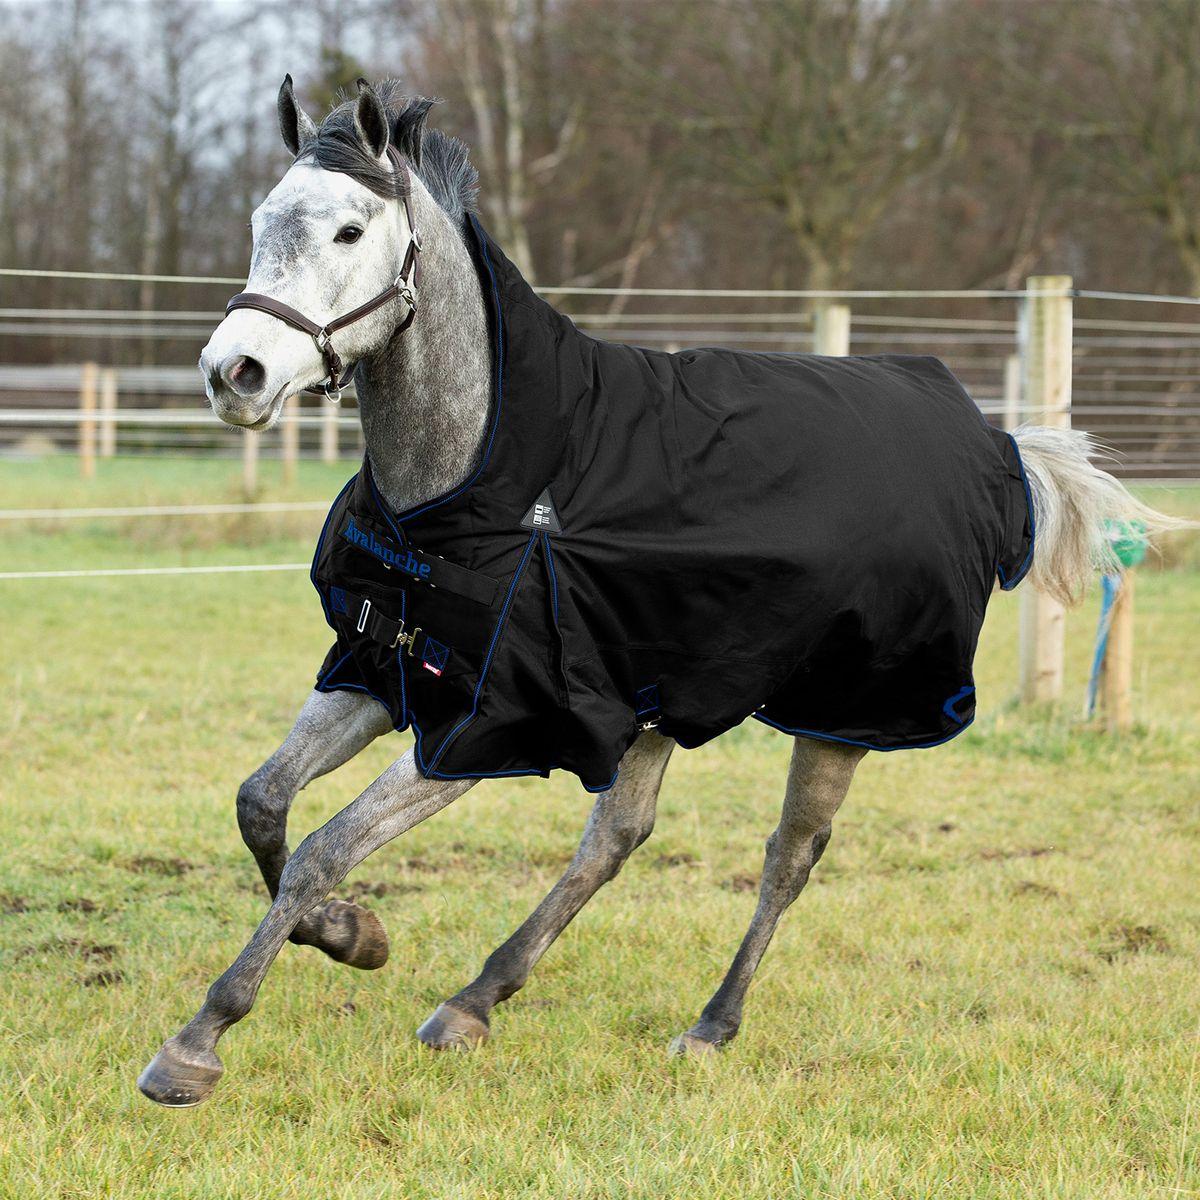 Et hestedækken har til formål at varme, optimere præstationsevne, beskytte mod insekter og UV-stråler